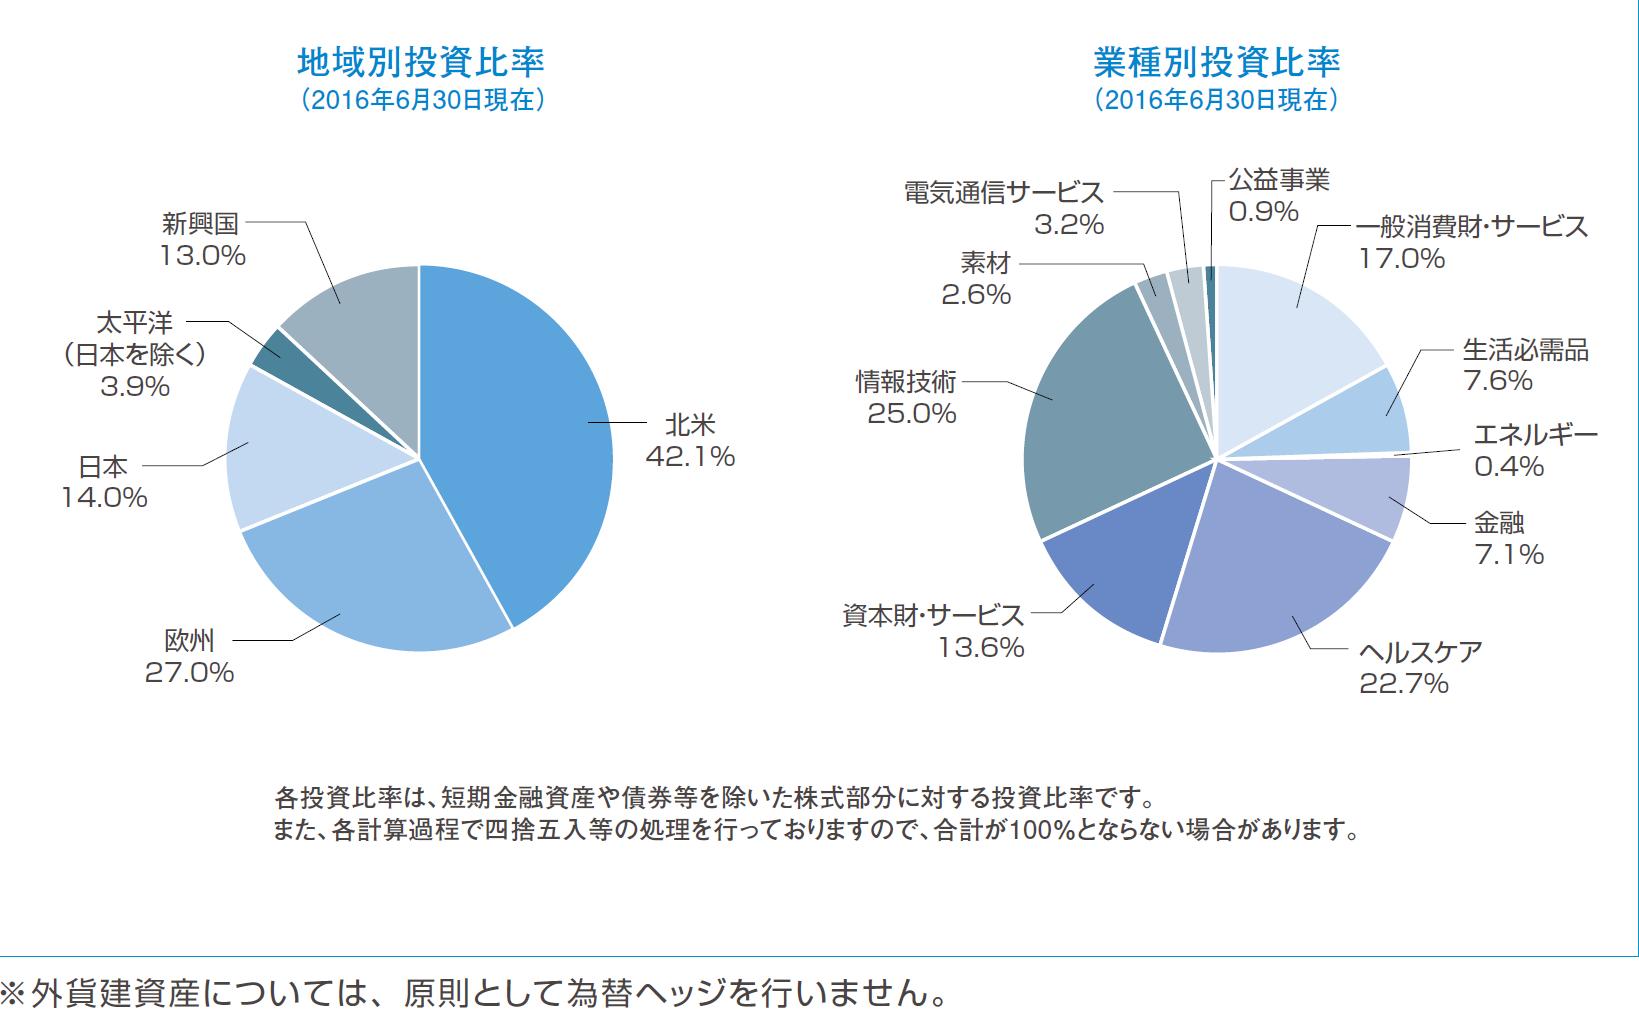 %e9%81%94%e4%ba%ba%ef%bc%94